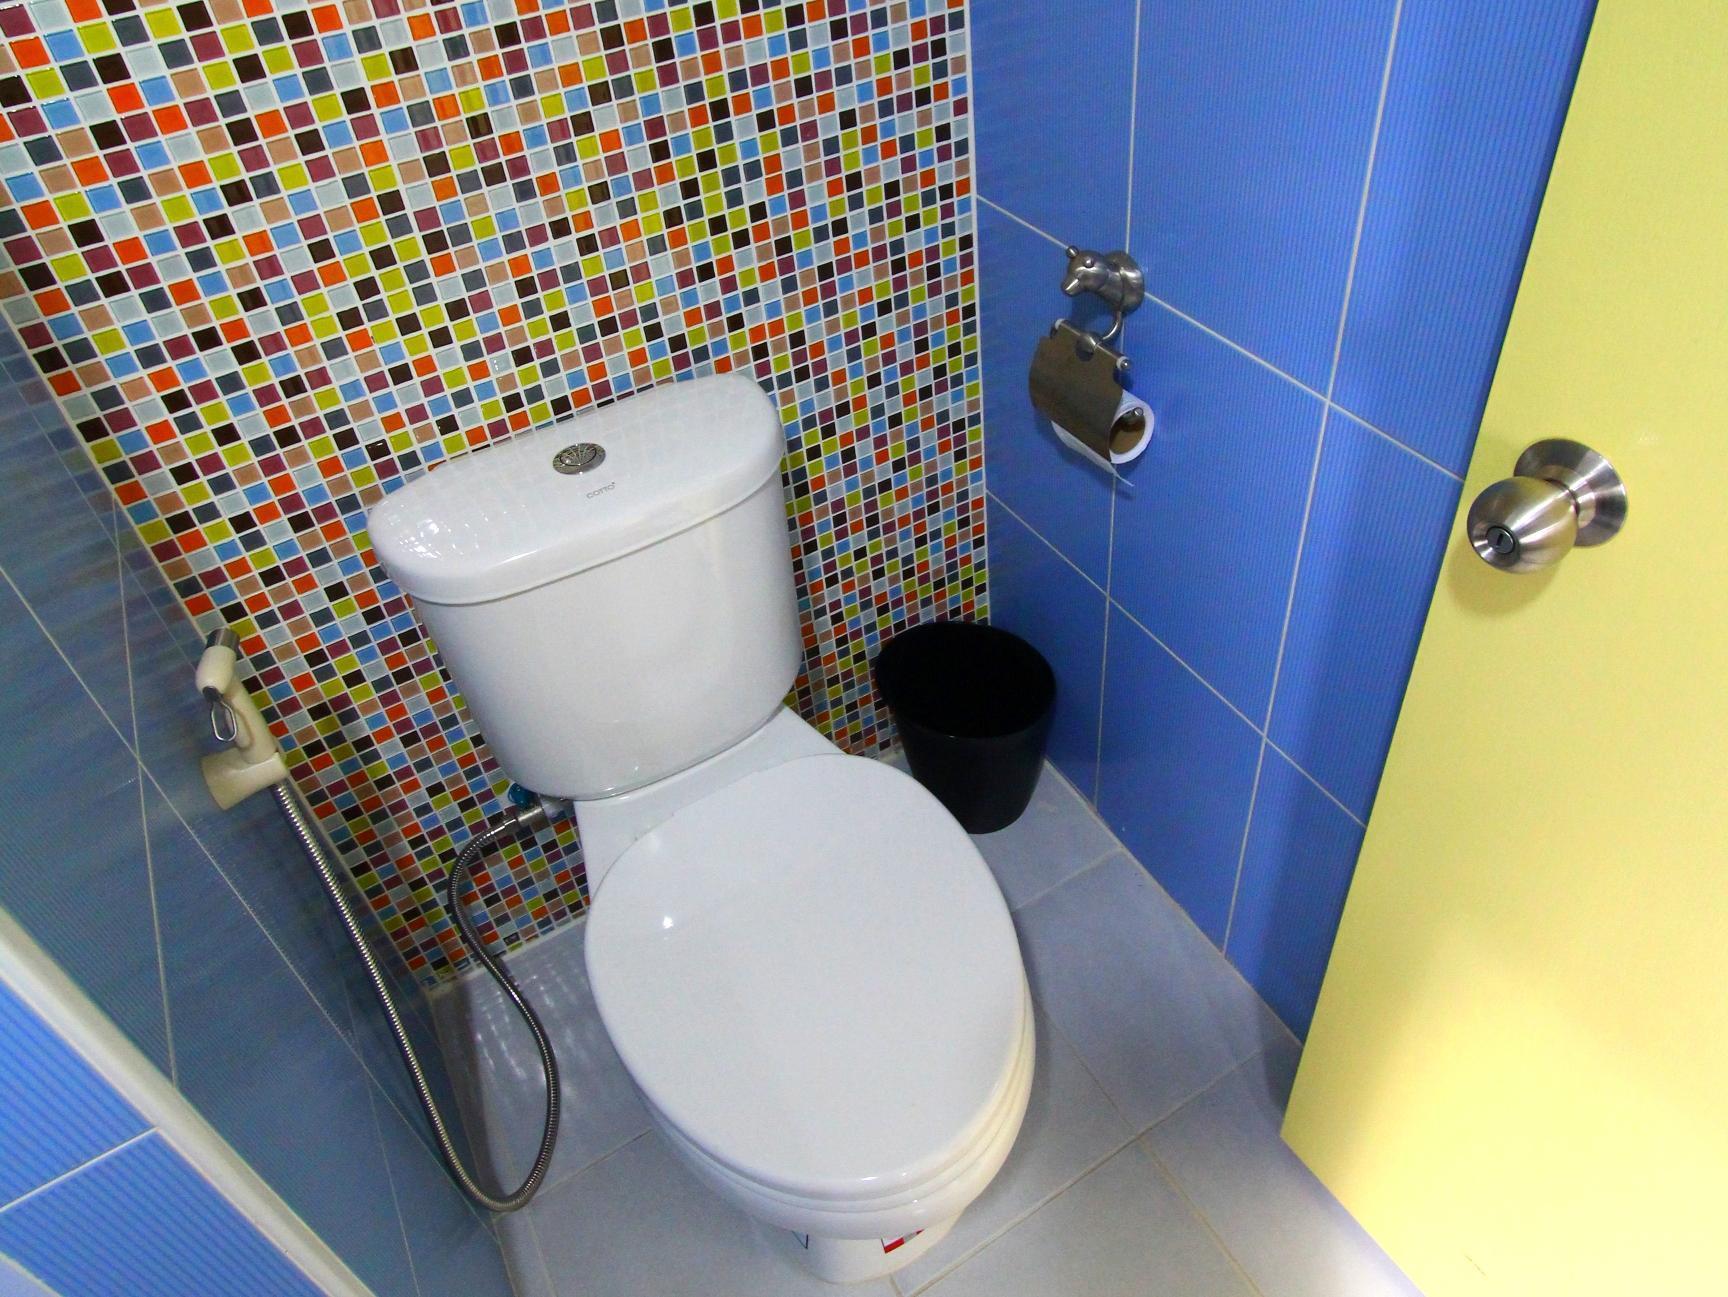 纳姆缘酒店,โรงแรมริมน้ำ